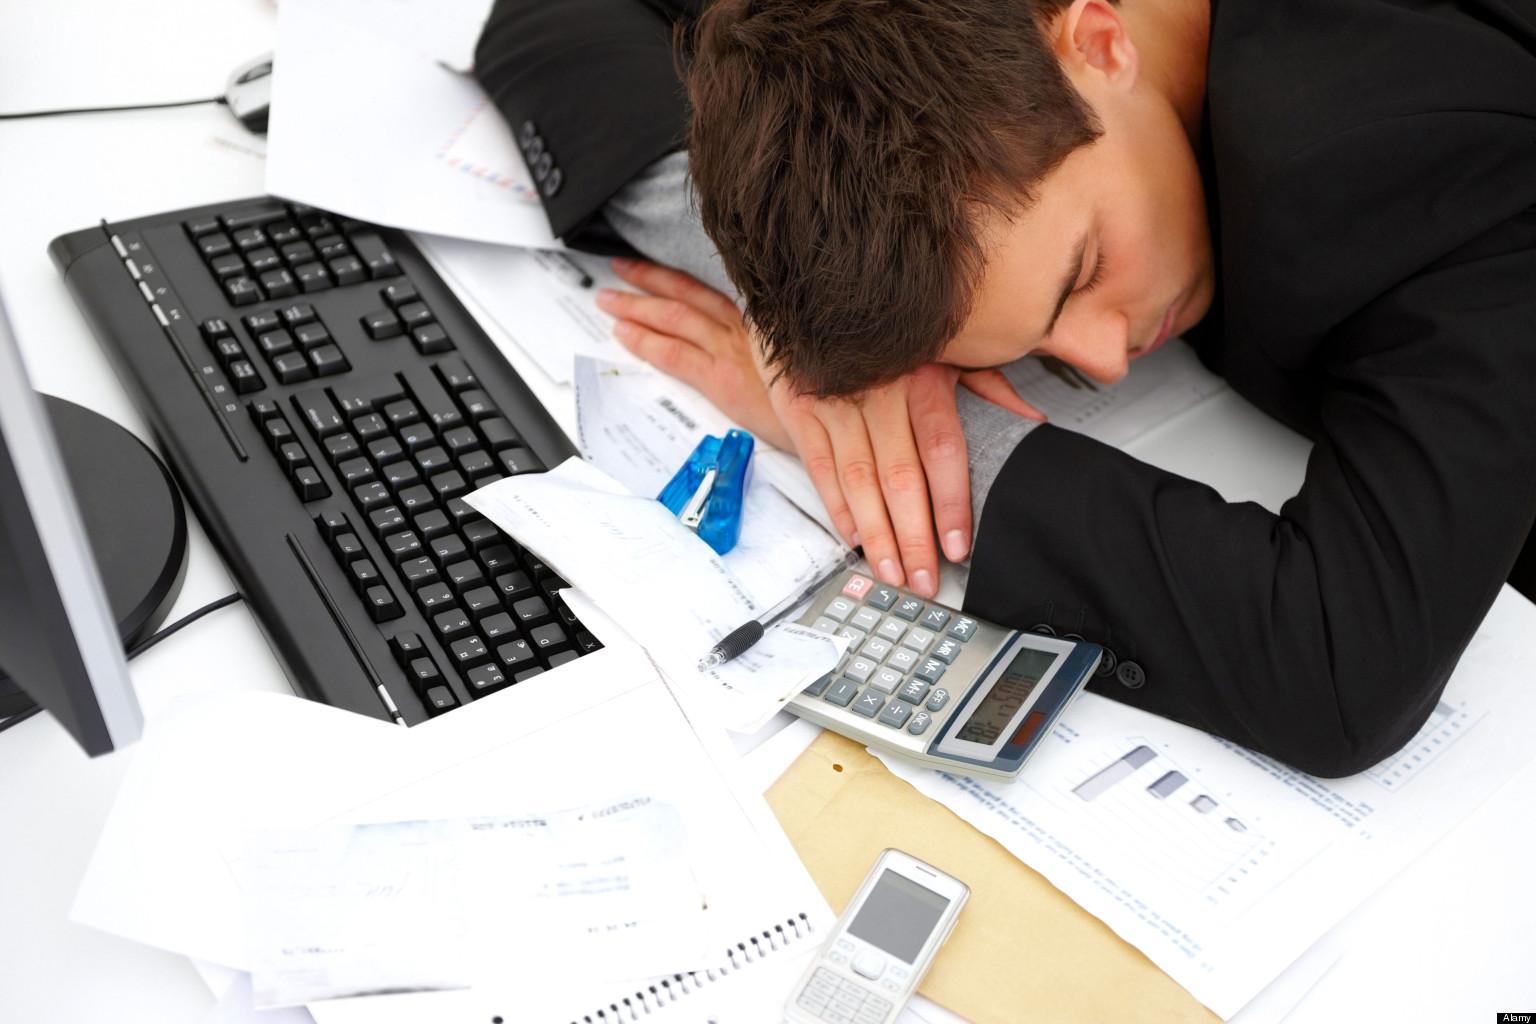 young man sleeping at desk